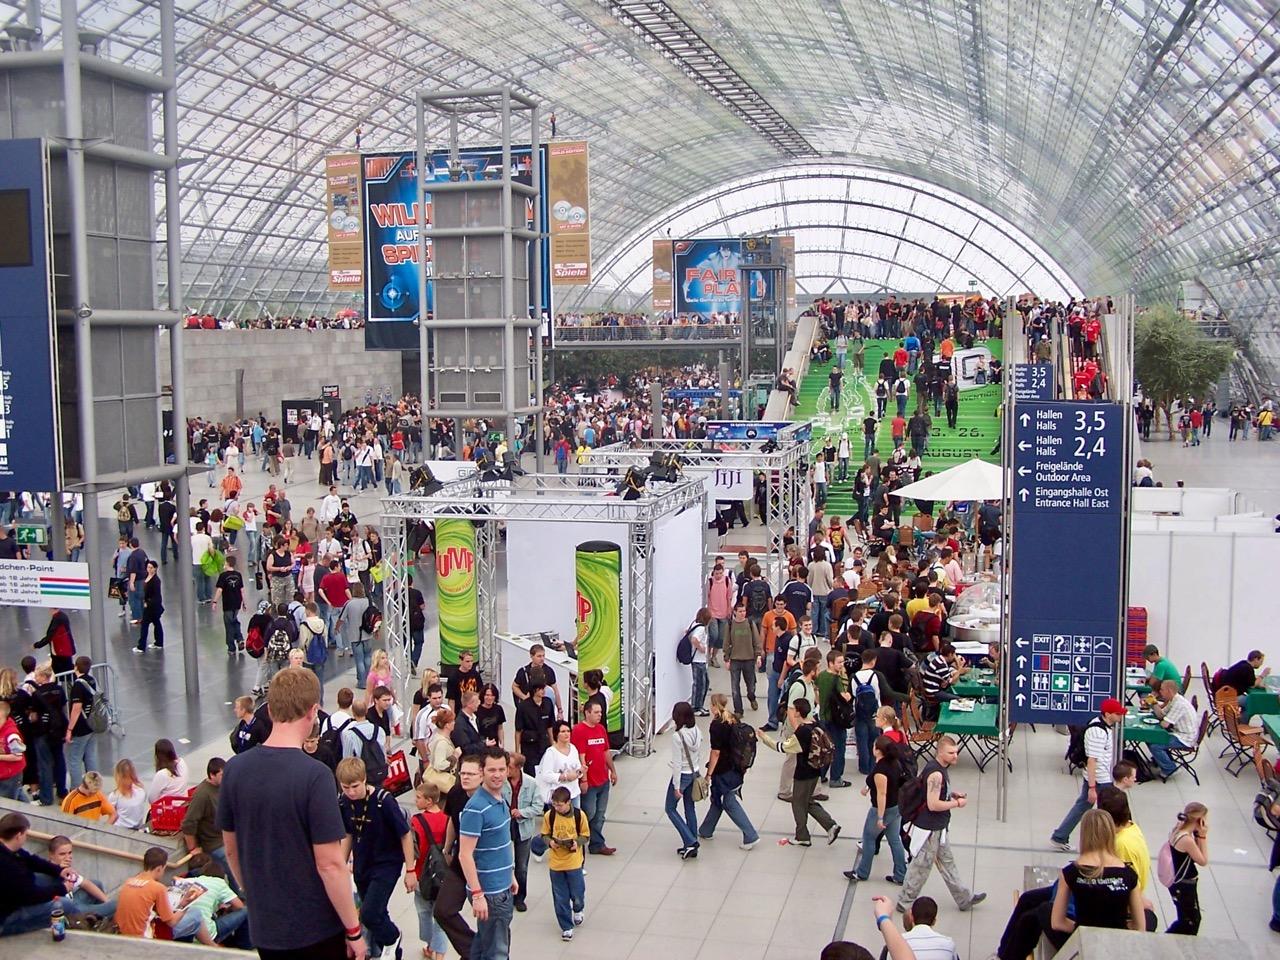 Schon auf den ersten Blick wird deutlich, wie viele Besucher die Messe dieses Jahr erwartet. (Bild: André Eymann)